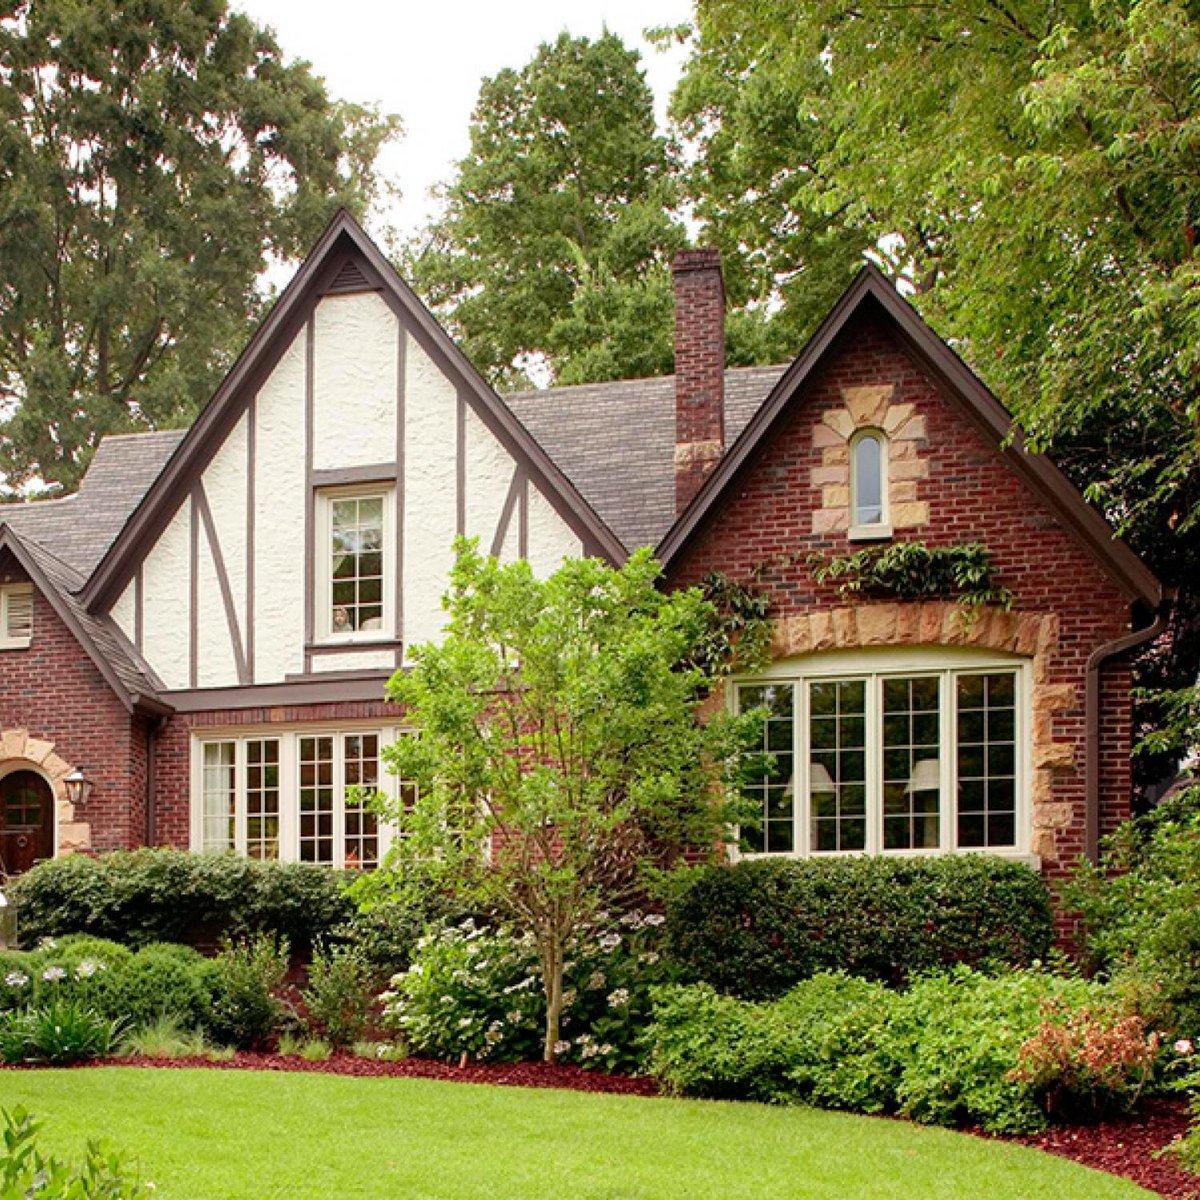 дачный дом в английском стиле фото зеленовато-сероватая